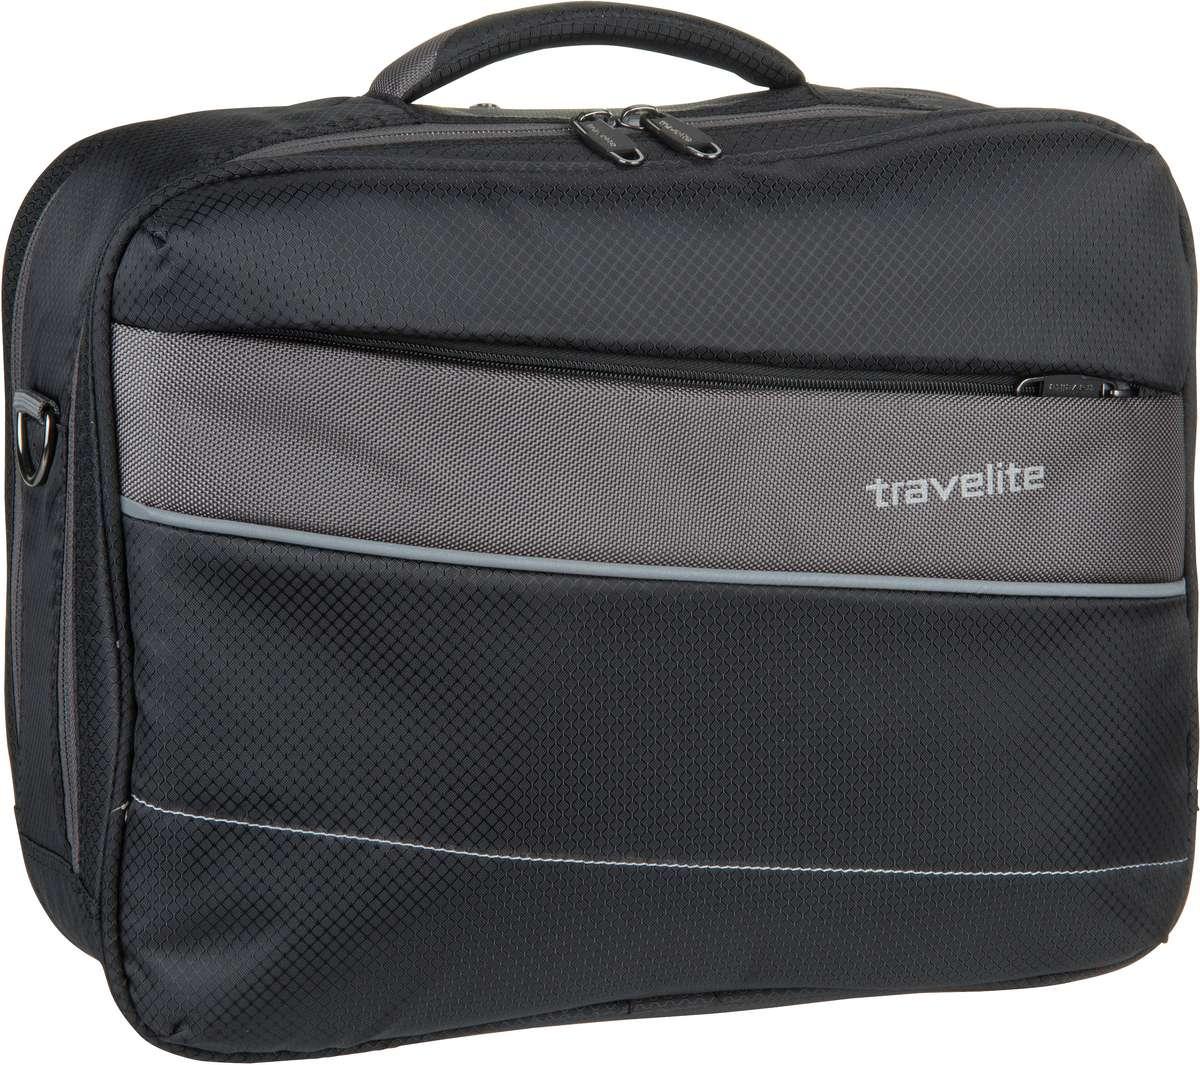 Businesstaschen für Frauen - travelite Aktentasche Kite Bordtasche Schwarz (20 Liter)  - Onlineshop Taschenkaufhaus